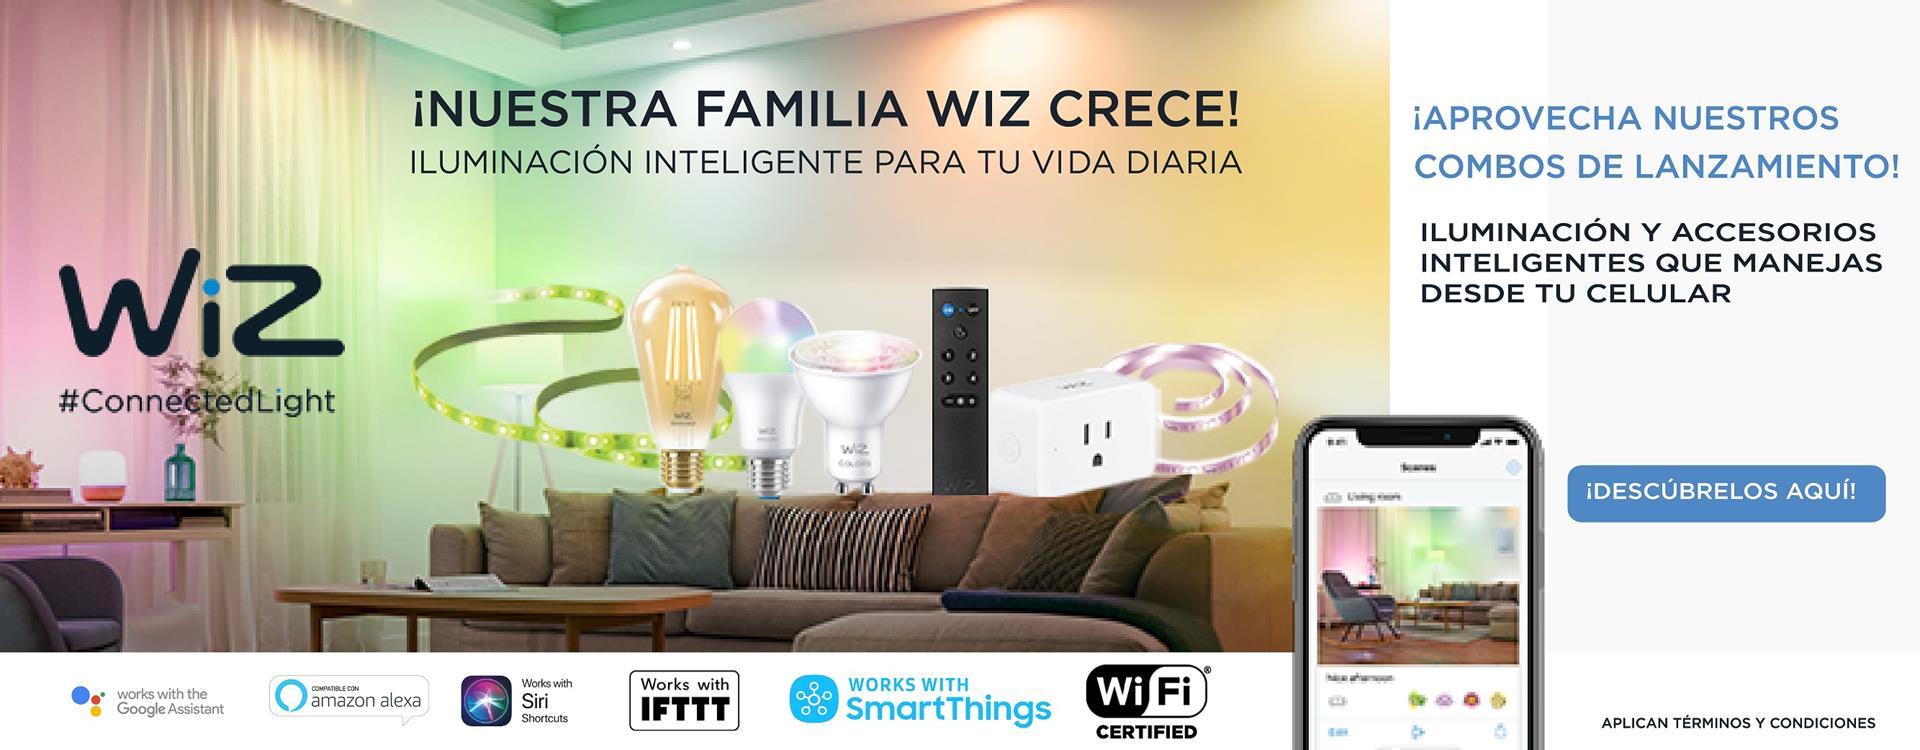 Campaña Wiz Combos Smart / Iluminación Inteligente